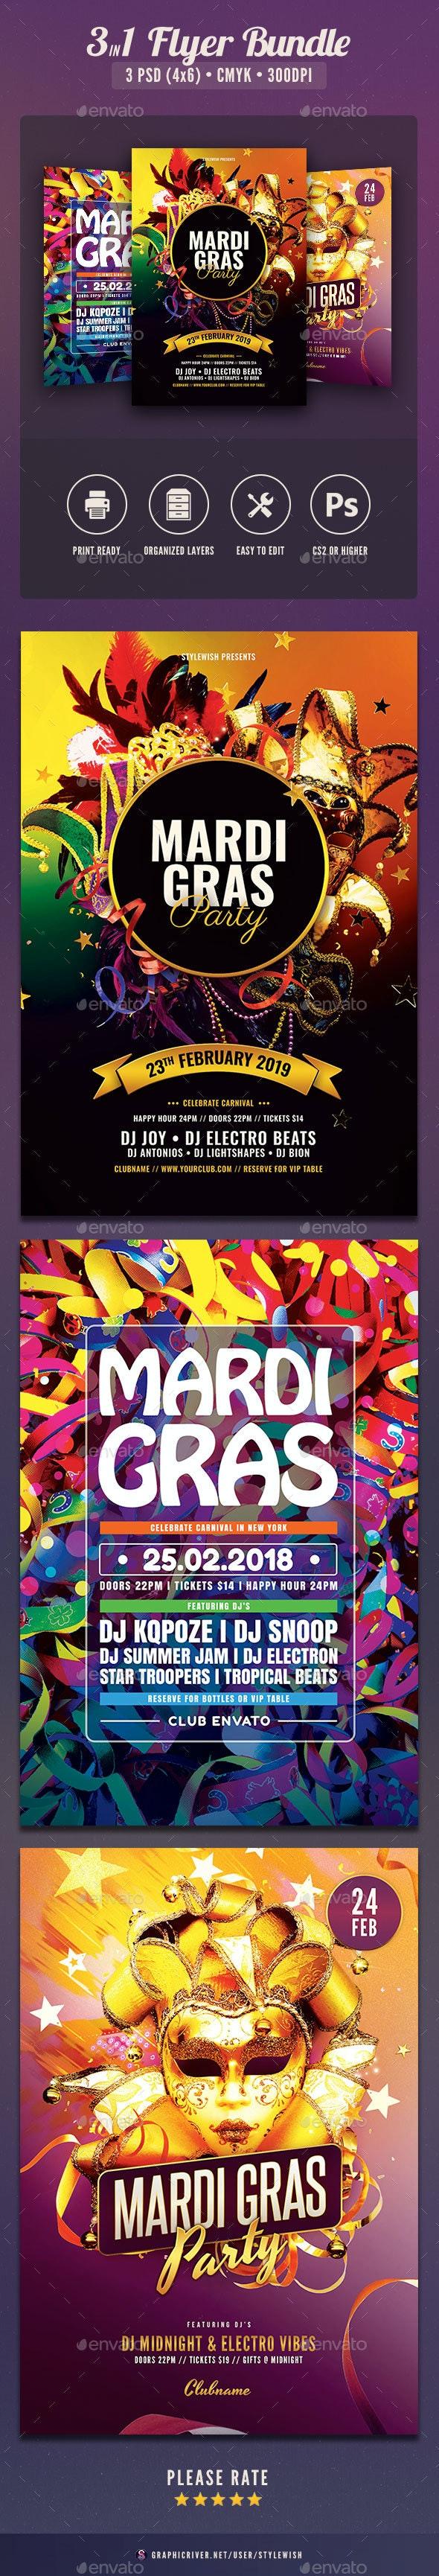 Mardi Gras Flyer Bundle Vol.03 - Clubs & Parties Events